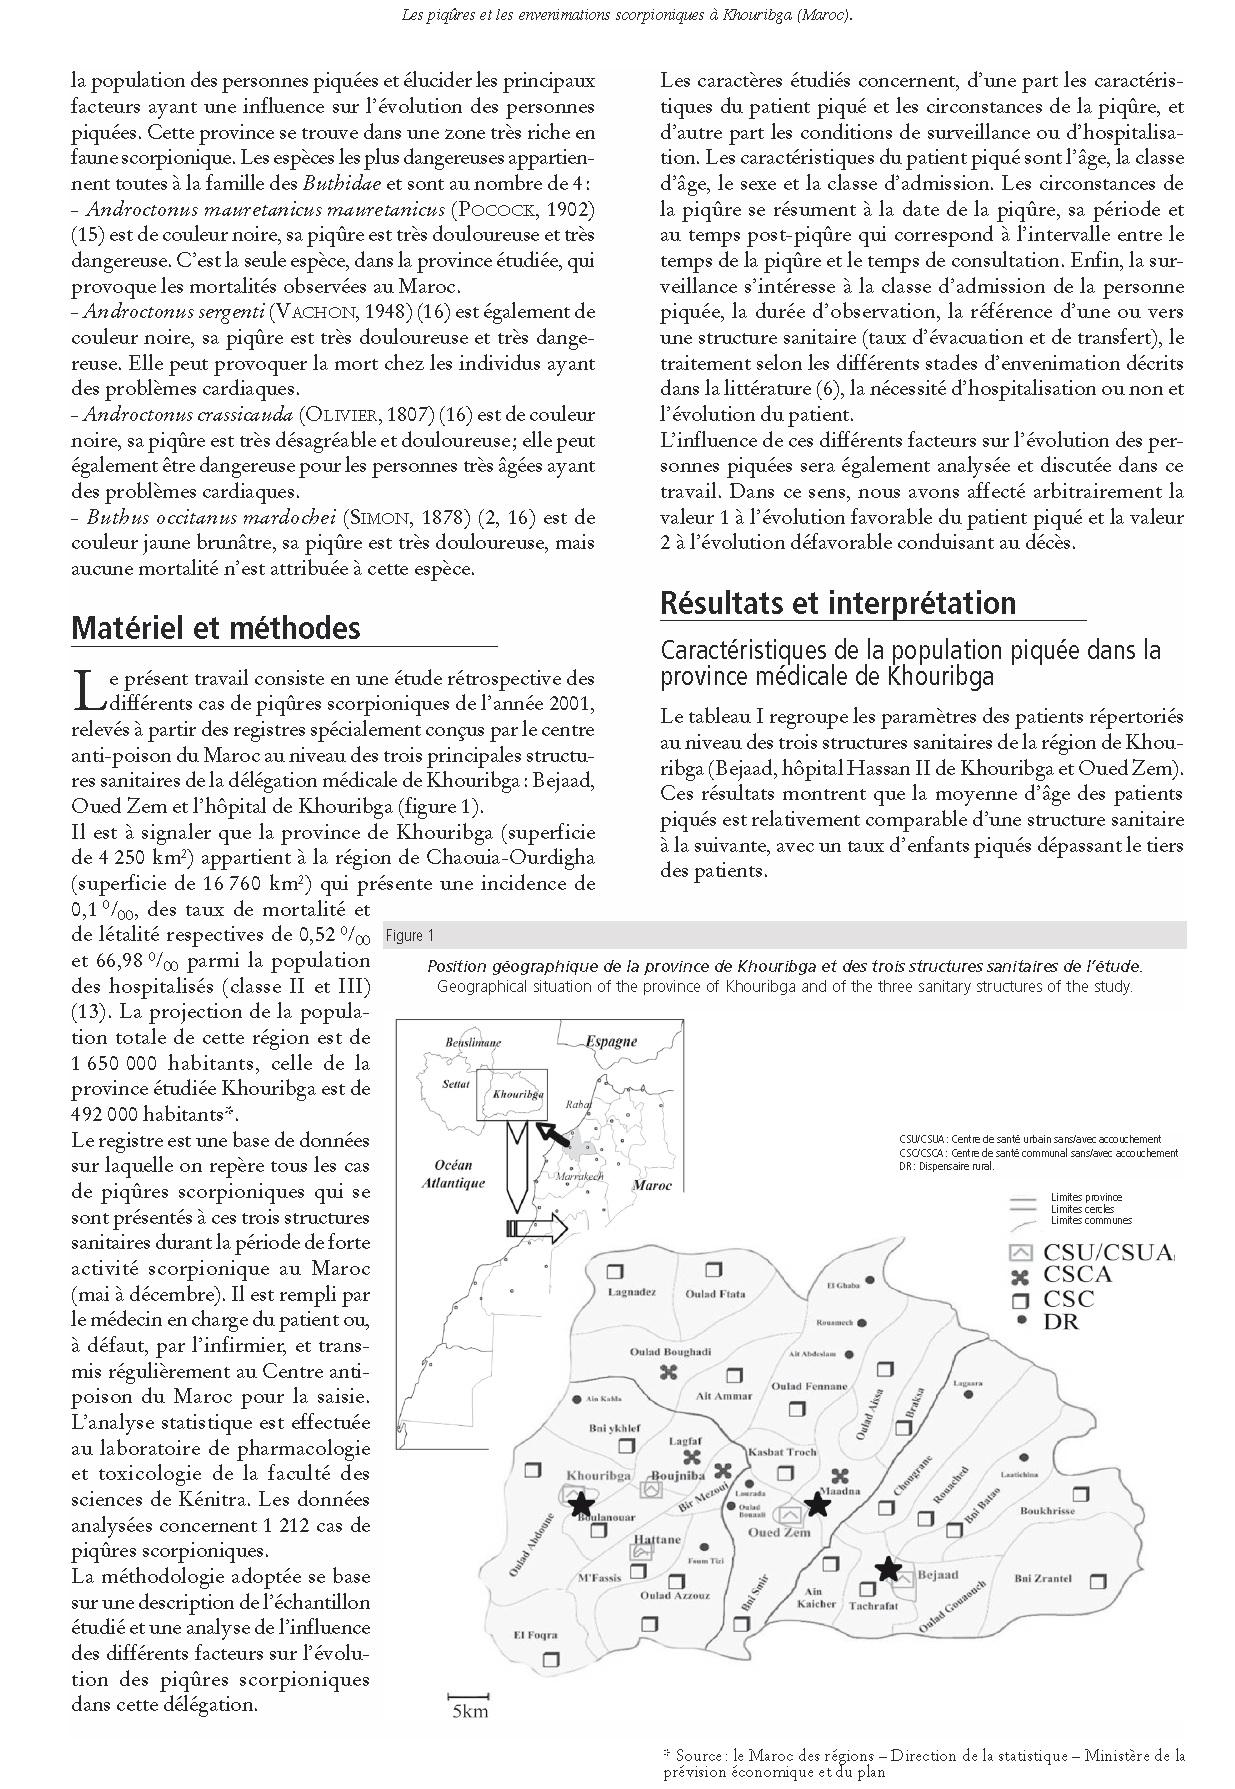 Page 2 Scorpionisme, Epidémiologie et Facteurs de Risque au Maroc  cas de la province de Khouribga